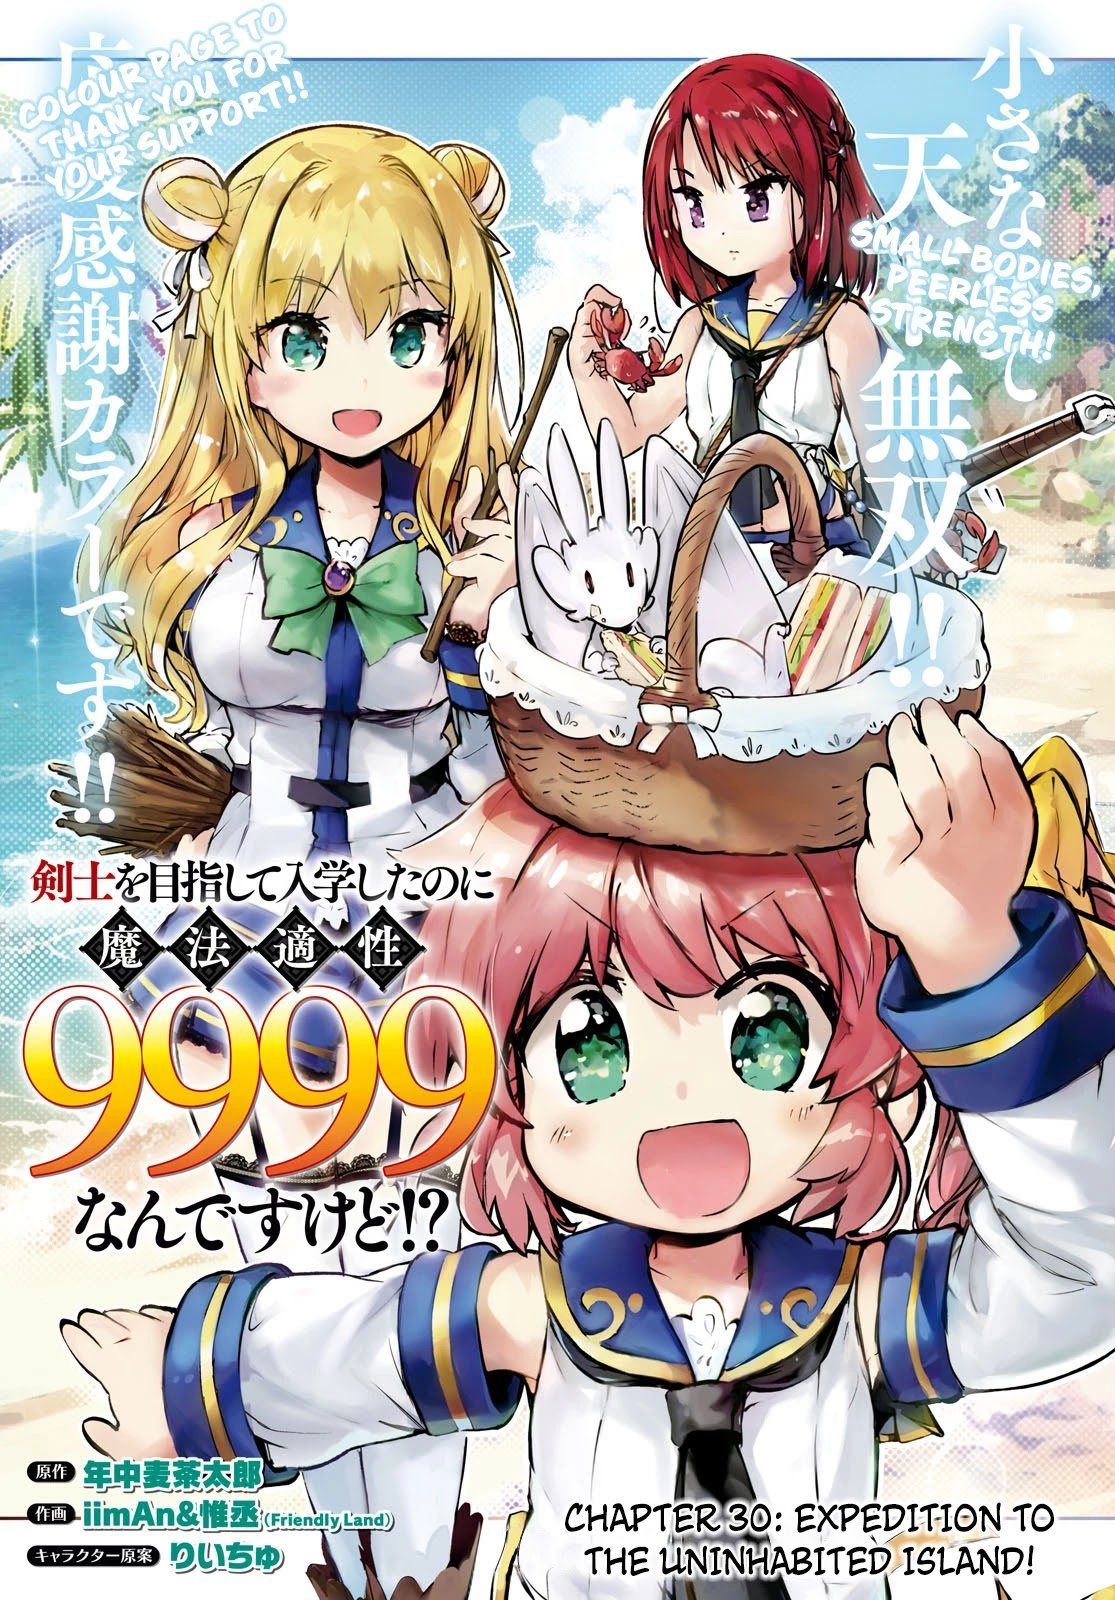 Manga Kenshi O Mezashite Nyūgaku Shitanoni Mahō Tekisei 9999 Nandesukedo!? - Chapter 30 Page 1